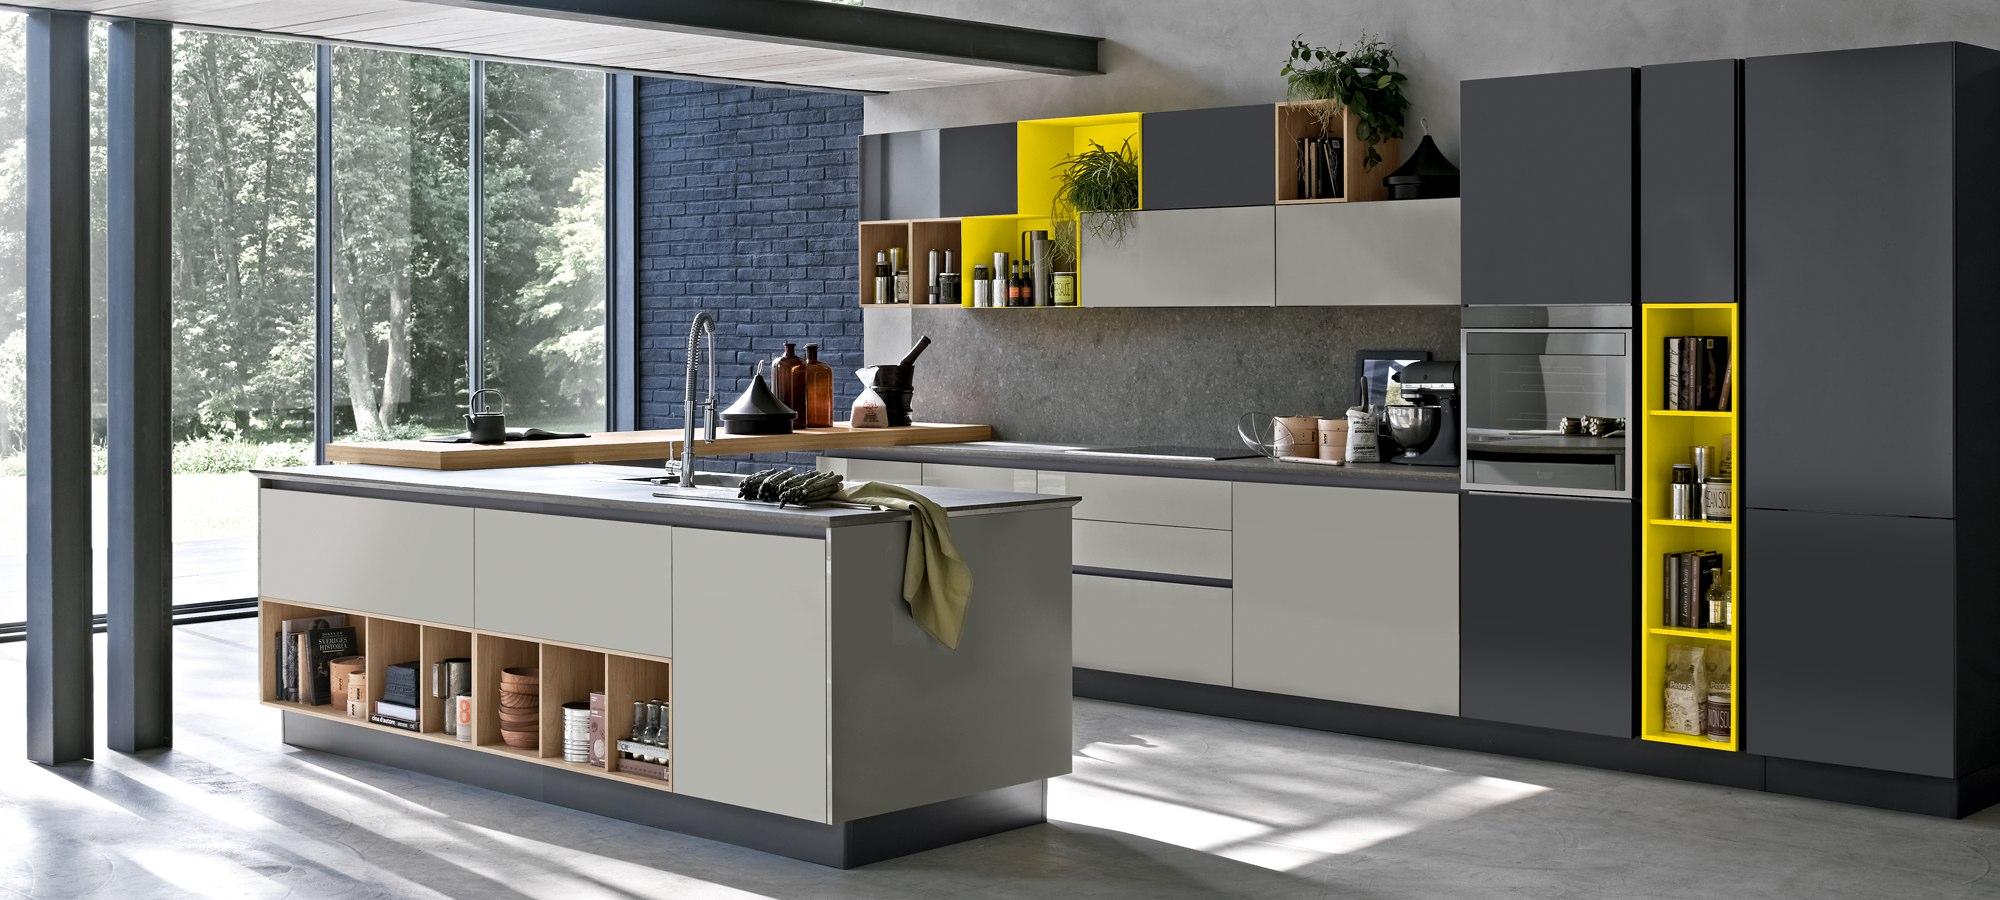 Cucina aleve stosa - Cucine stosa moderne ...